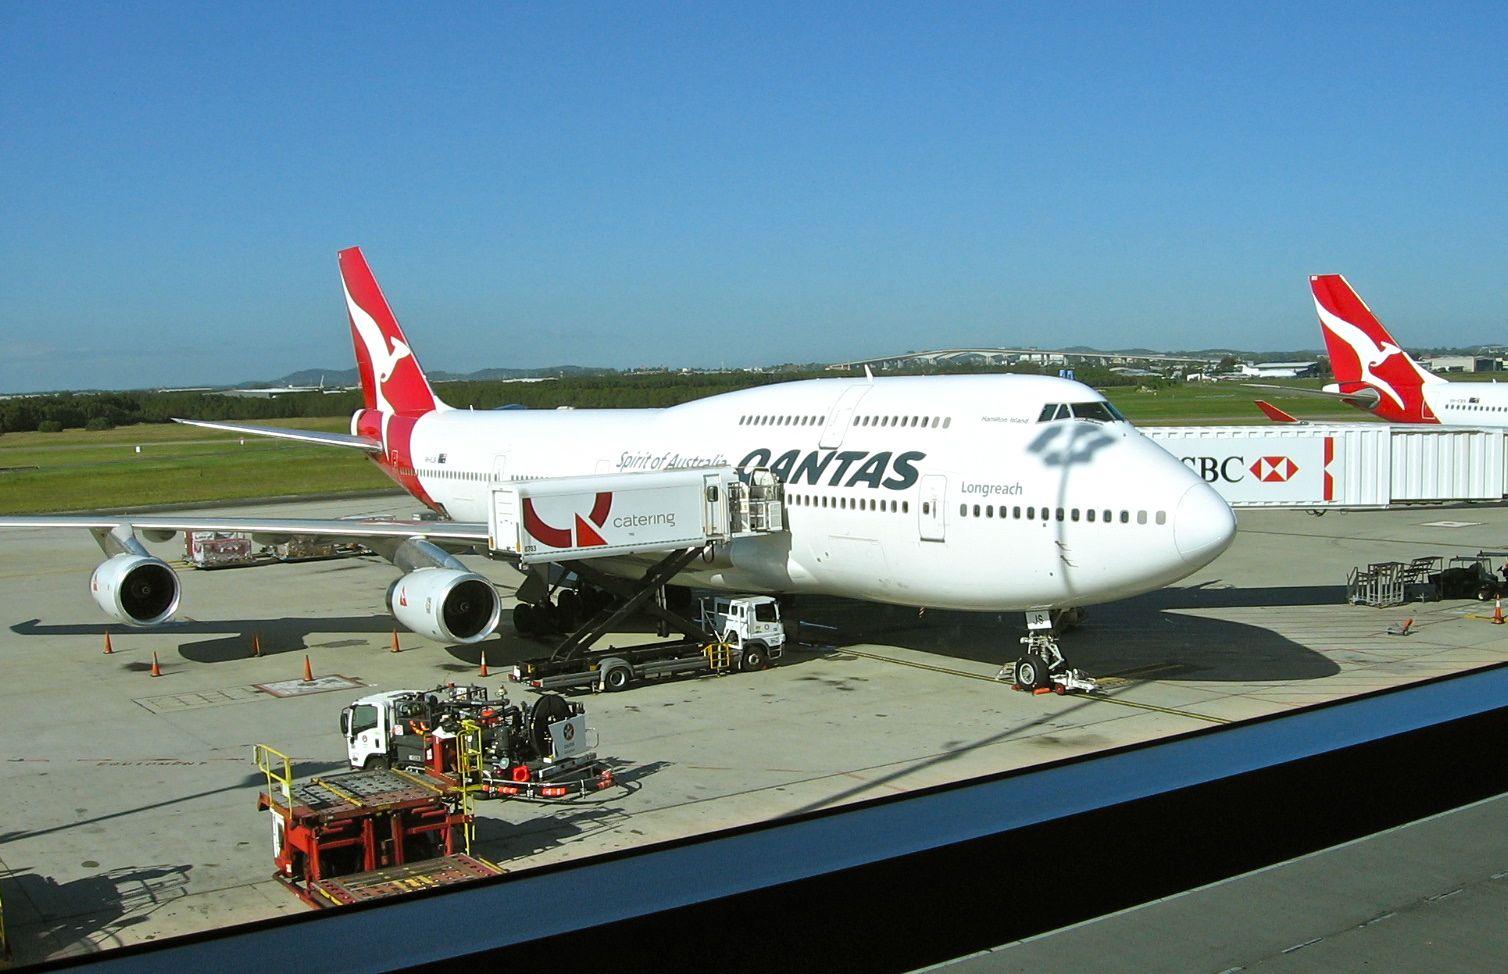 USA-Qantas-13May2014.jpg